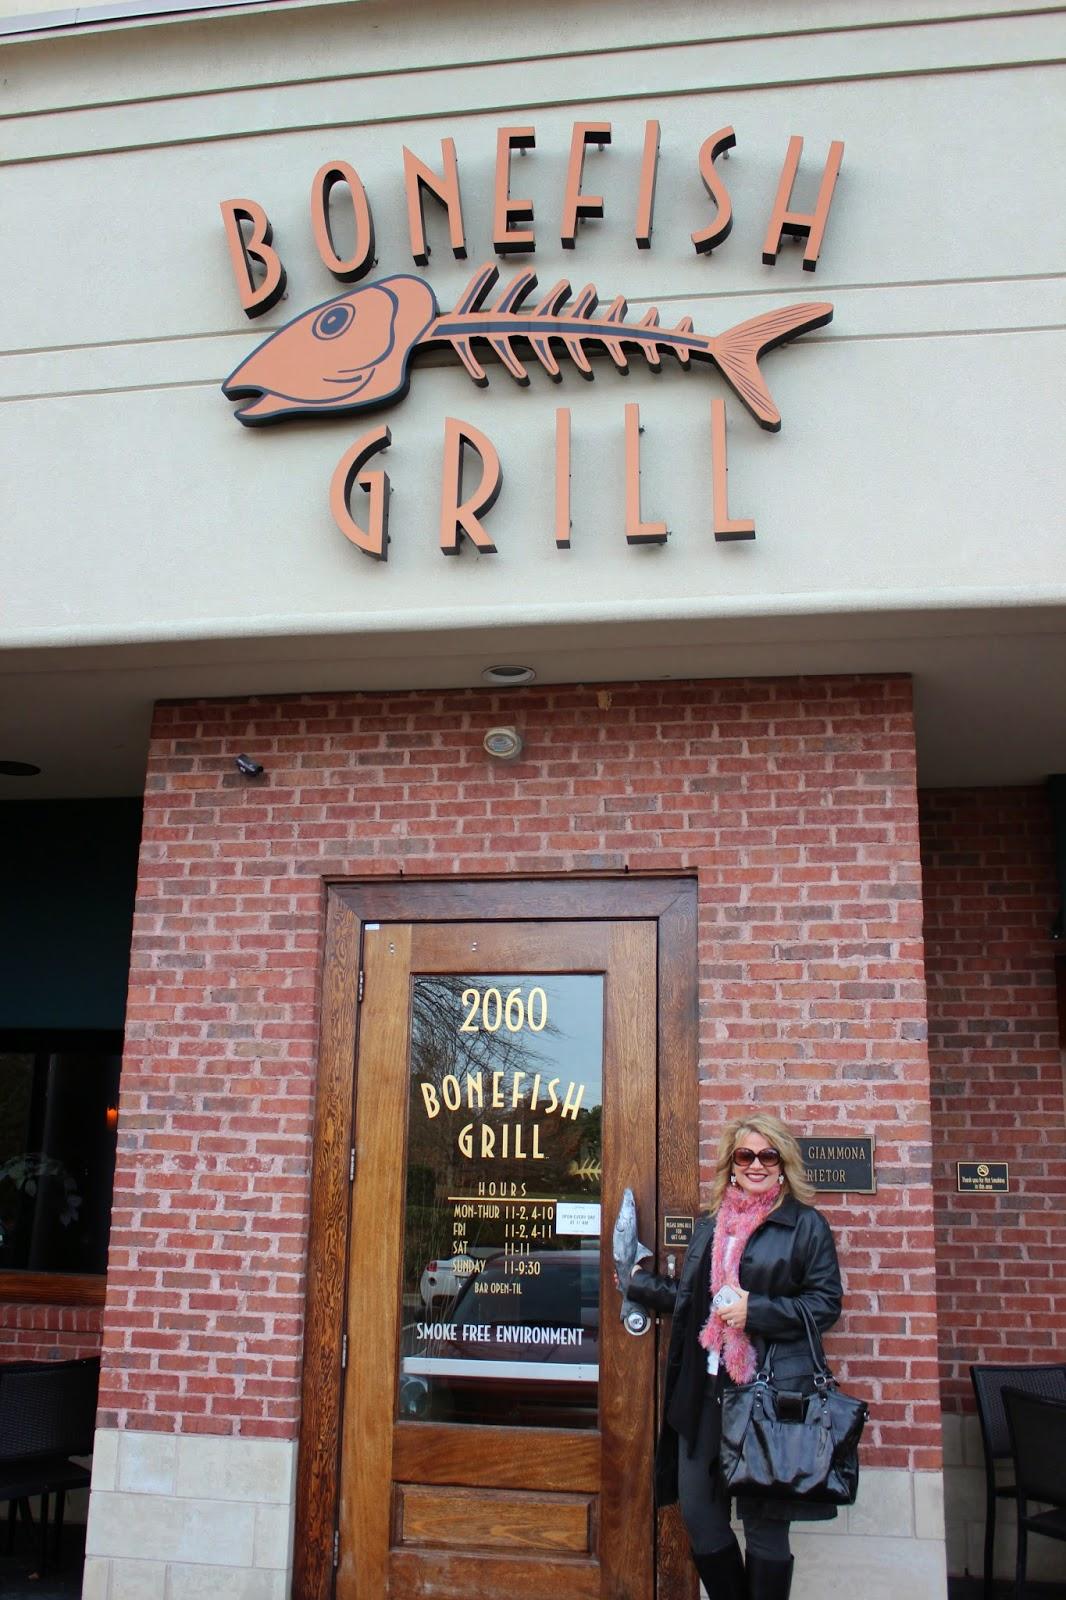 Bonefish Grill Cary North Carolina Review